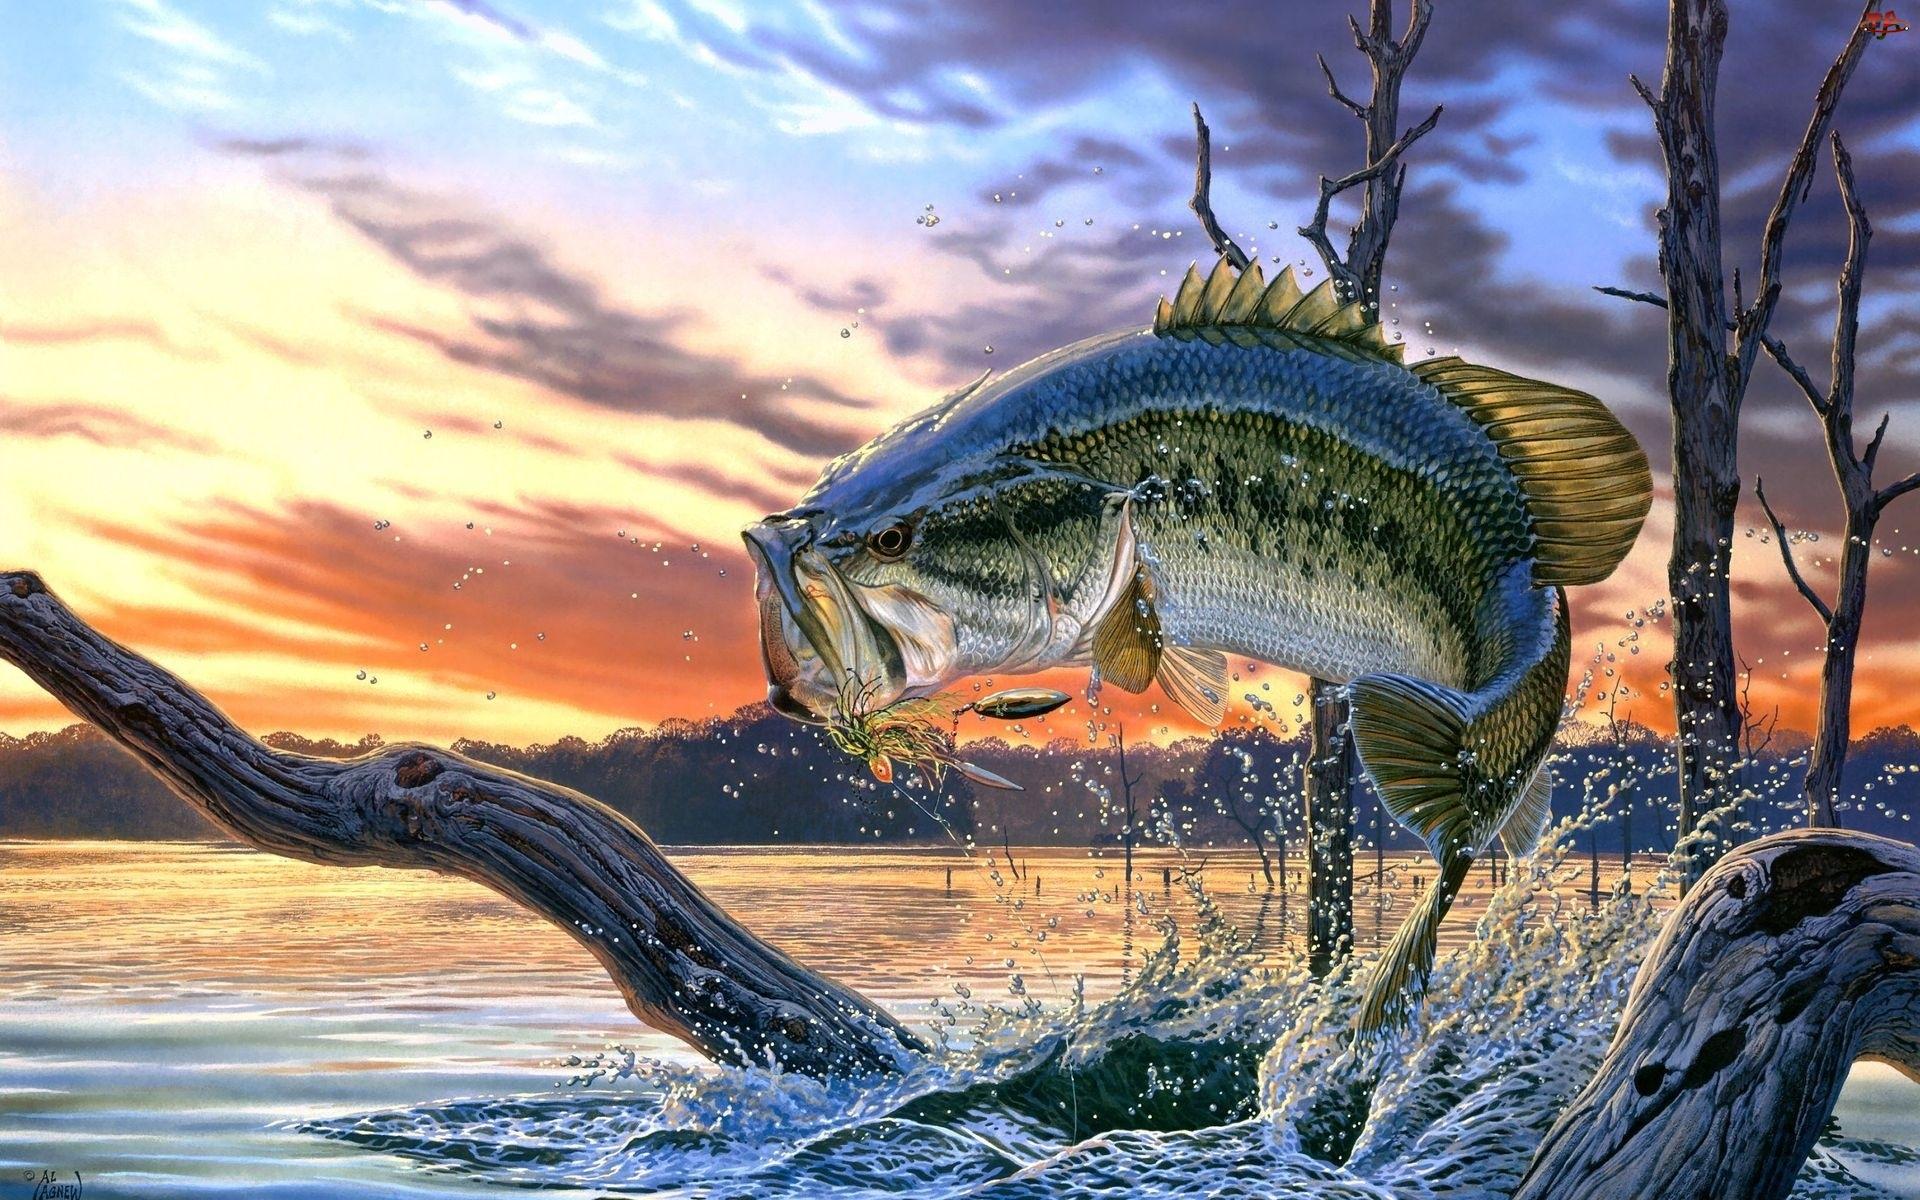 Ryba, Drzew, Woda, Korzenie